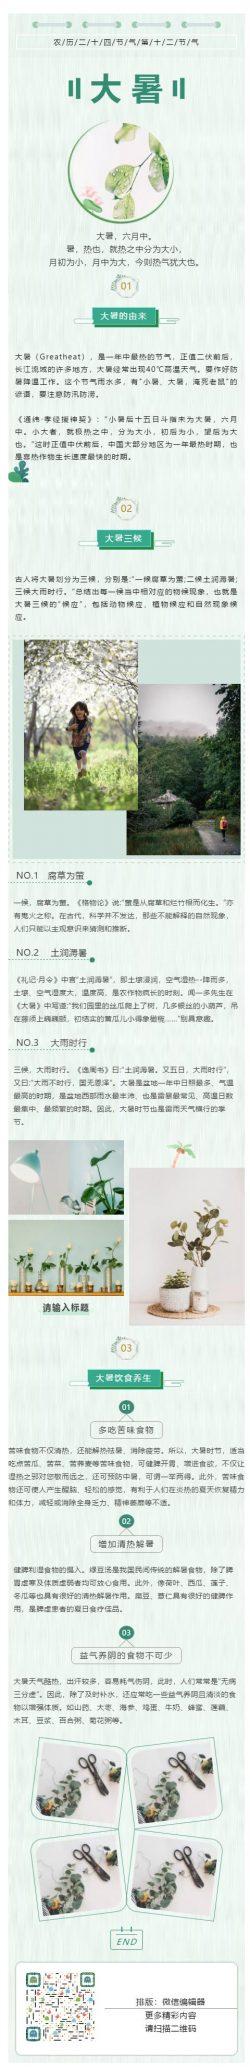 大暑二十四节气节日素材绿色风格模板推送图文